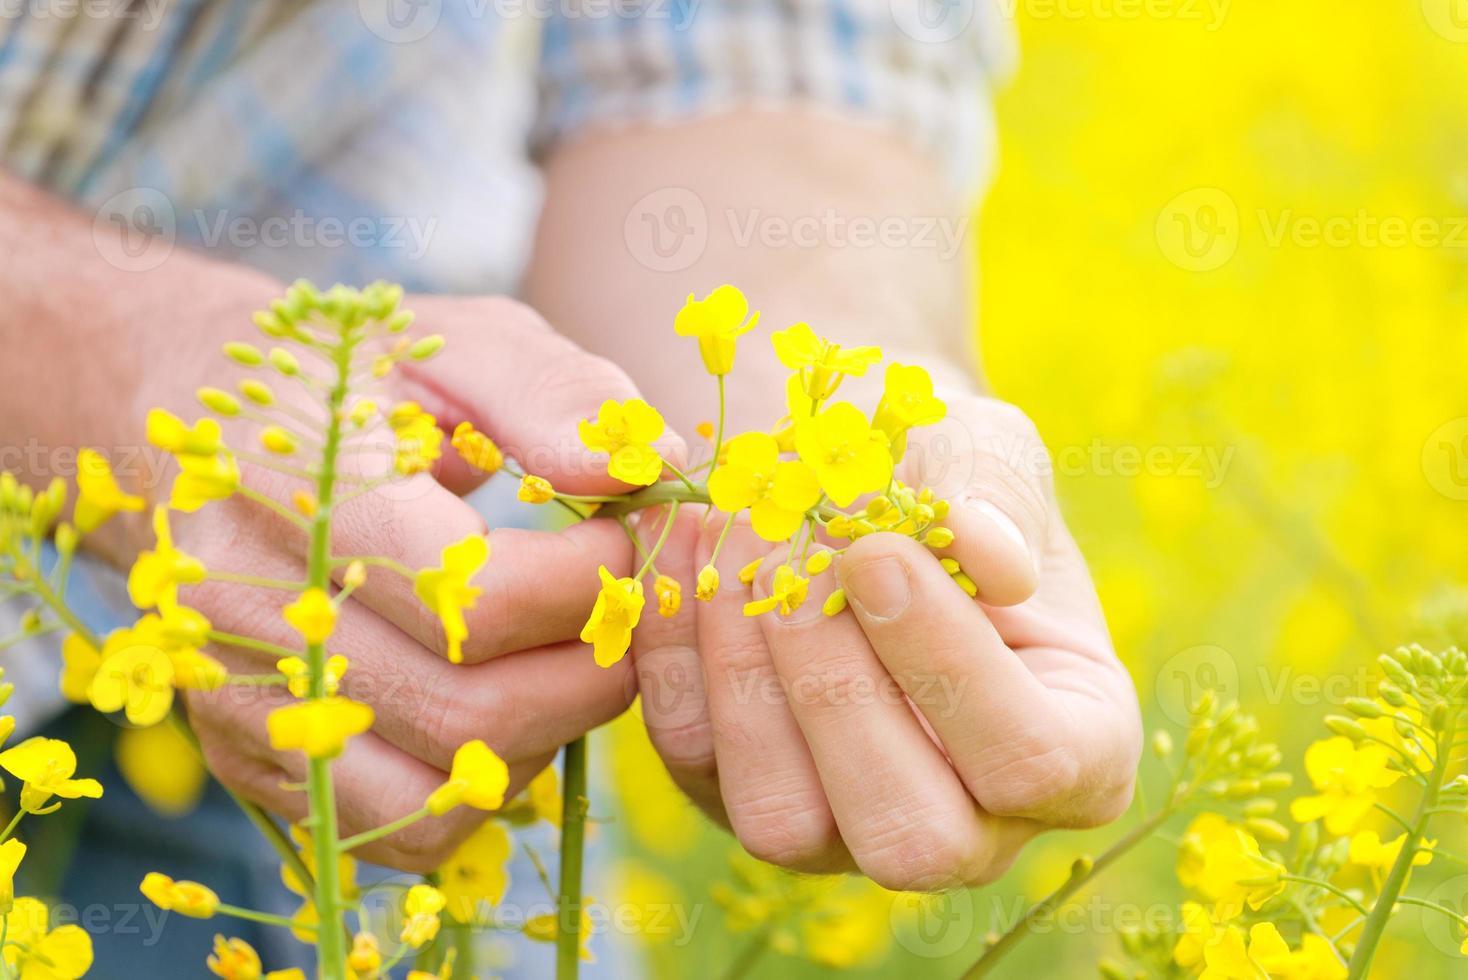 paysan, debout, oléagineux, colza, cultivé, agricole, fiel photo